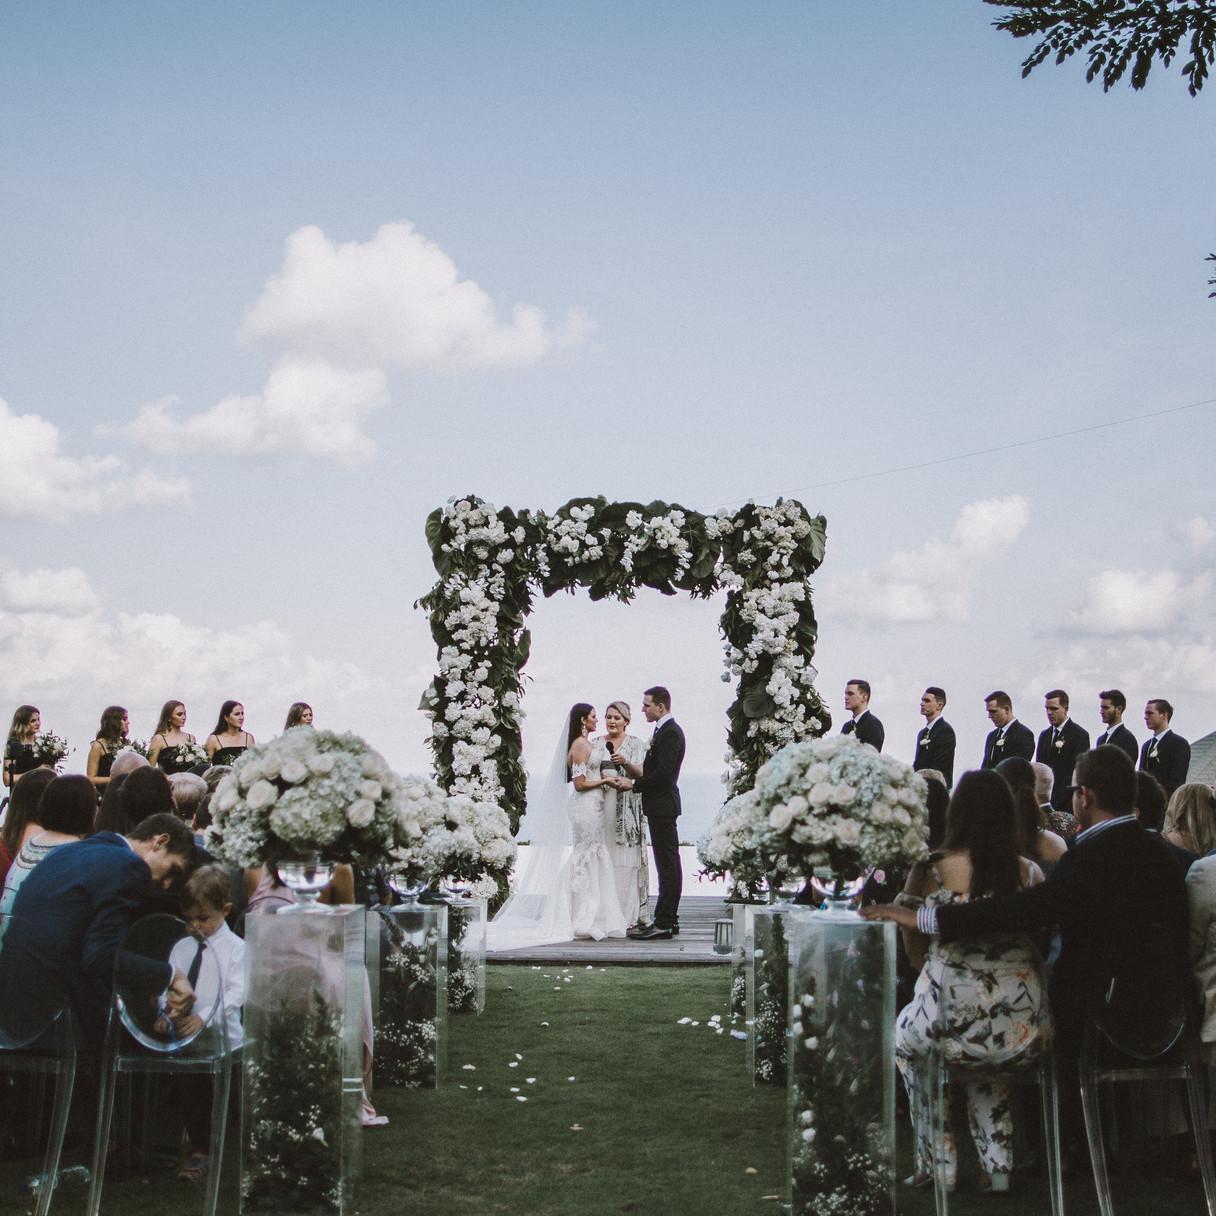 prue-steve-wedding-jpeg-352.jpg